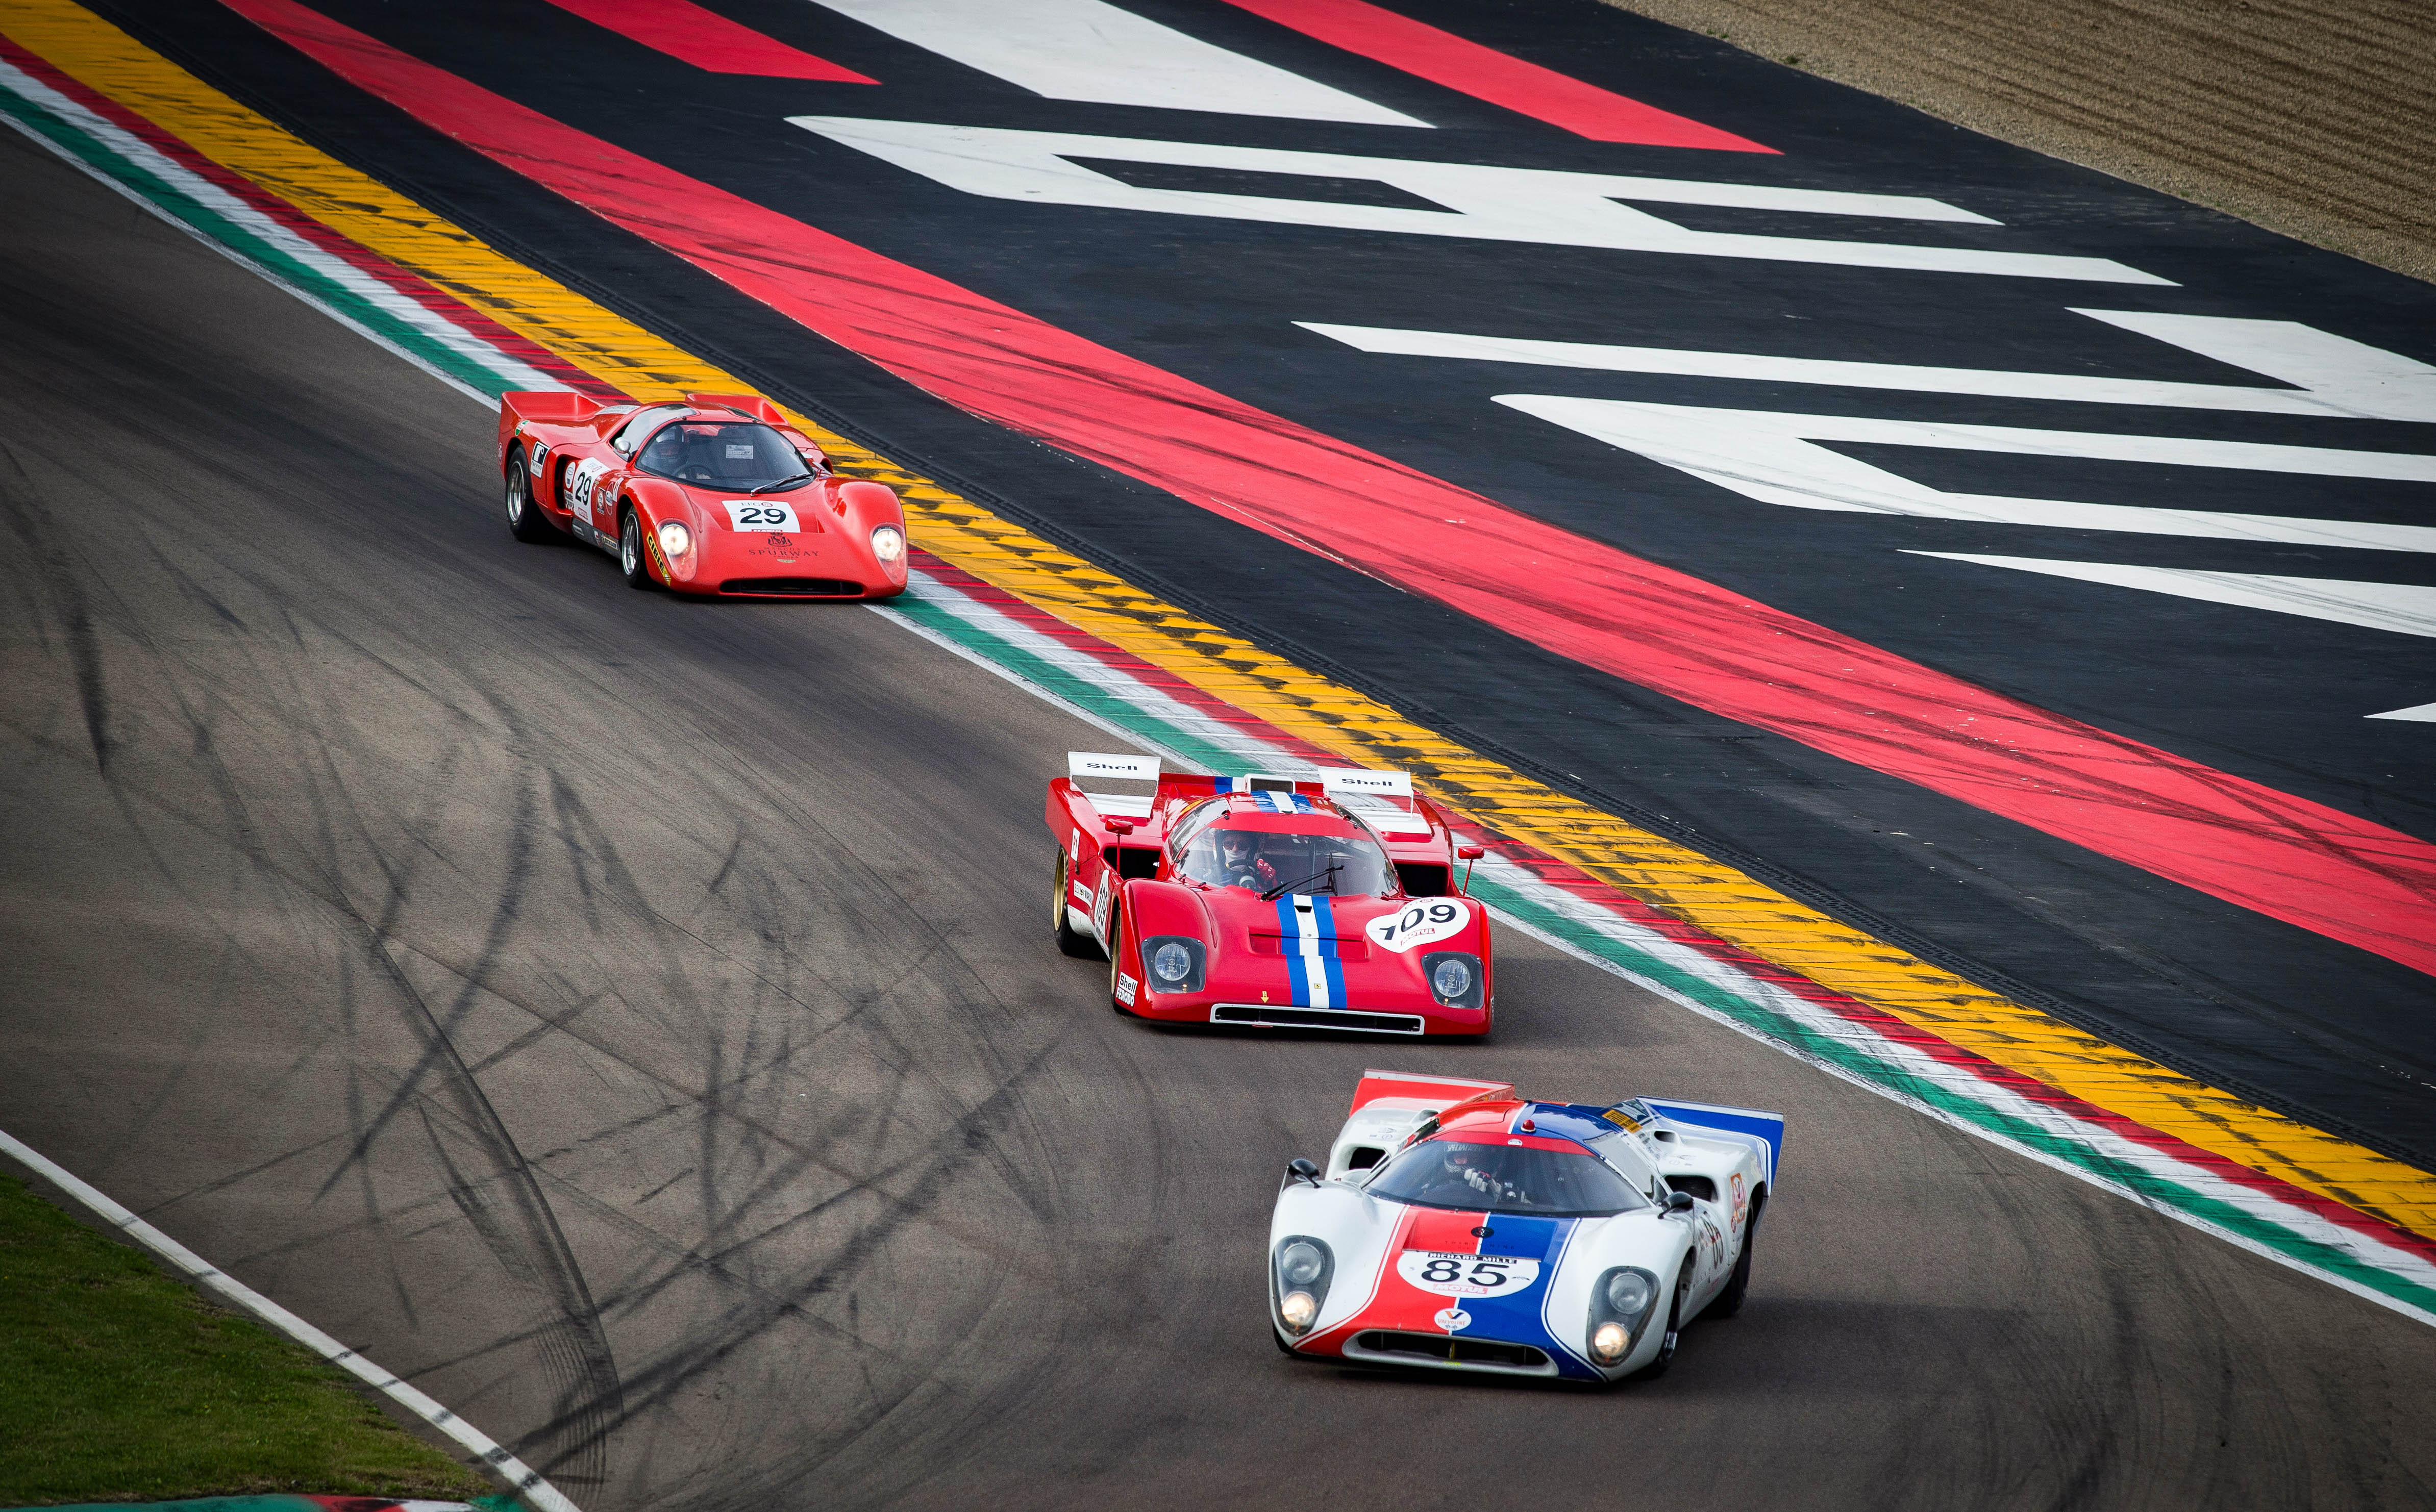 Torna il fascino dell'Imola Classic all'Autodromo Enzo e Dino Ferrari.